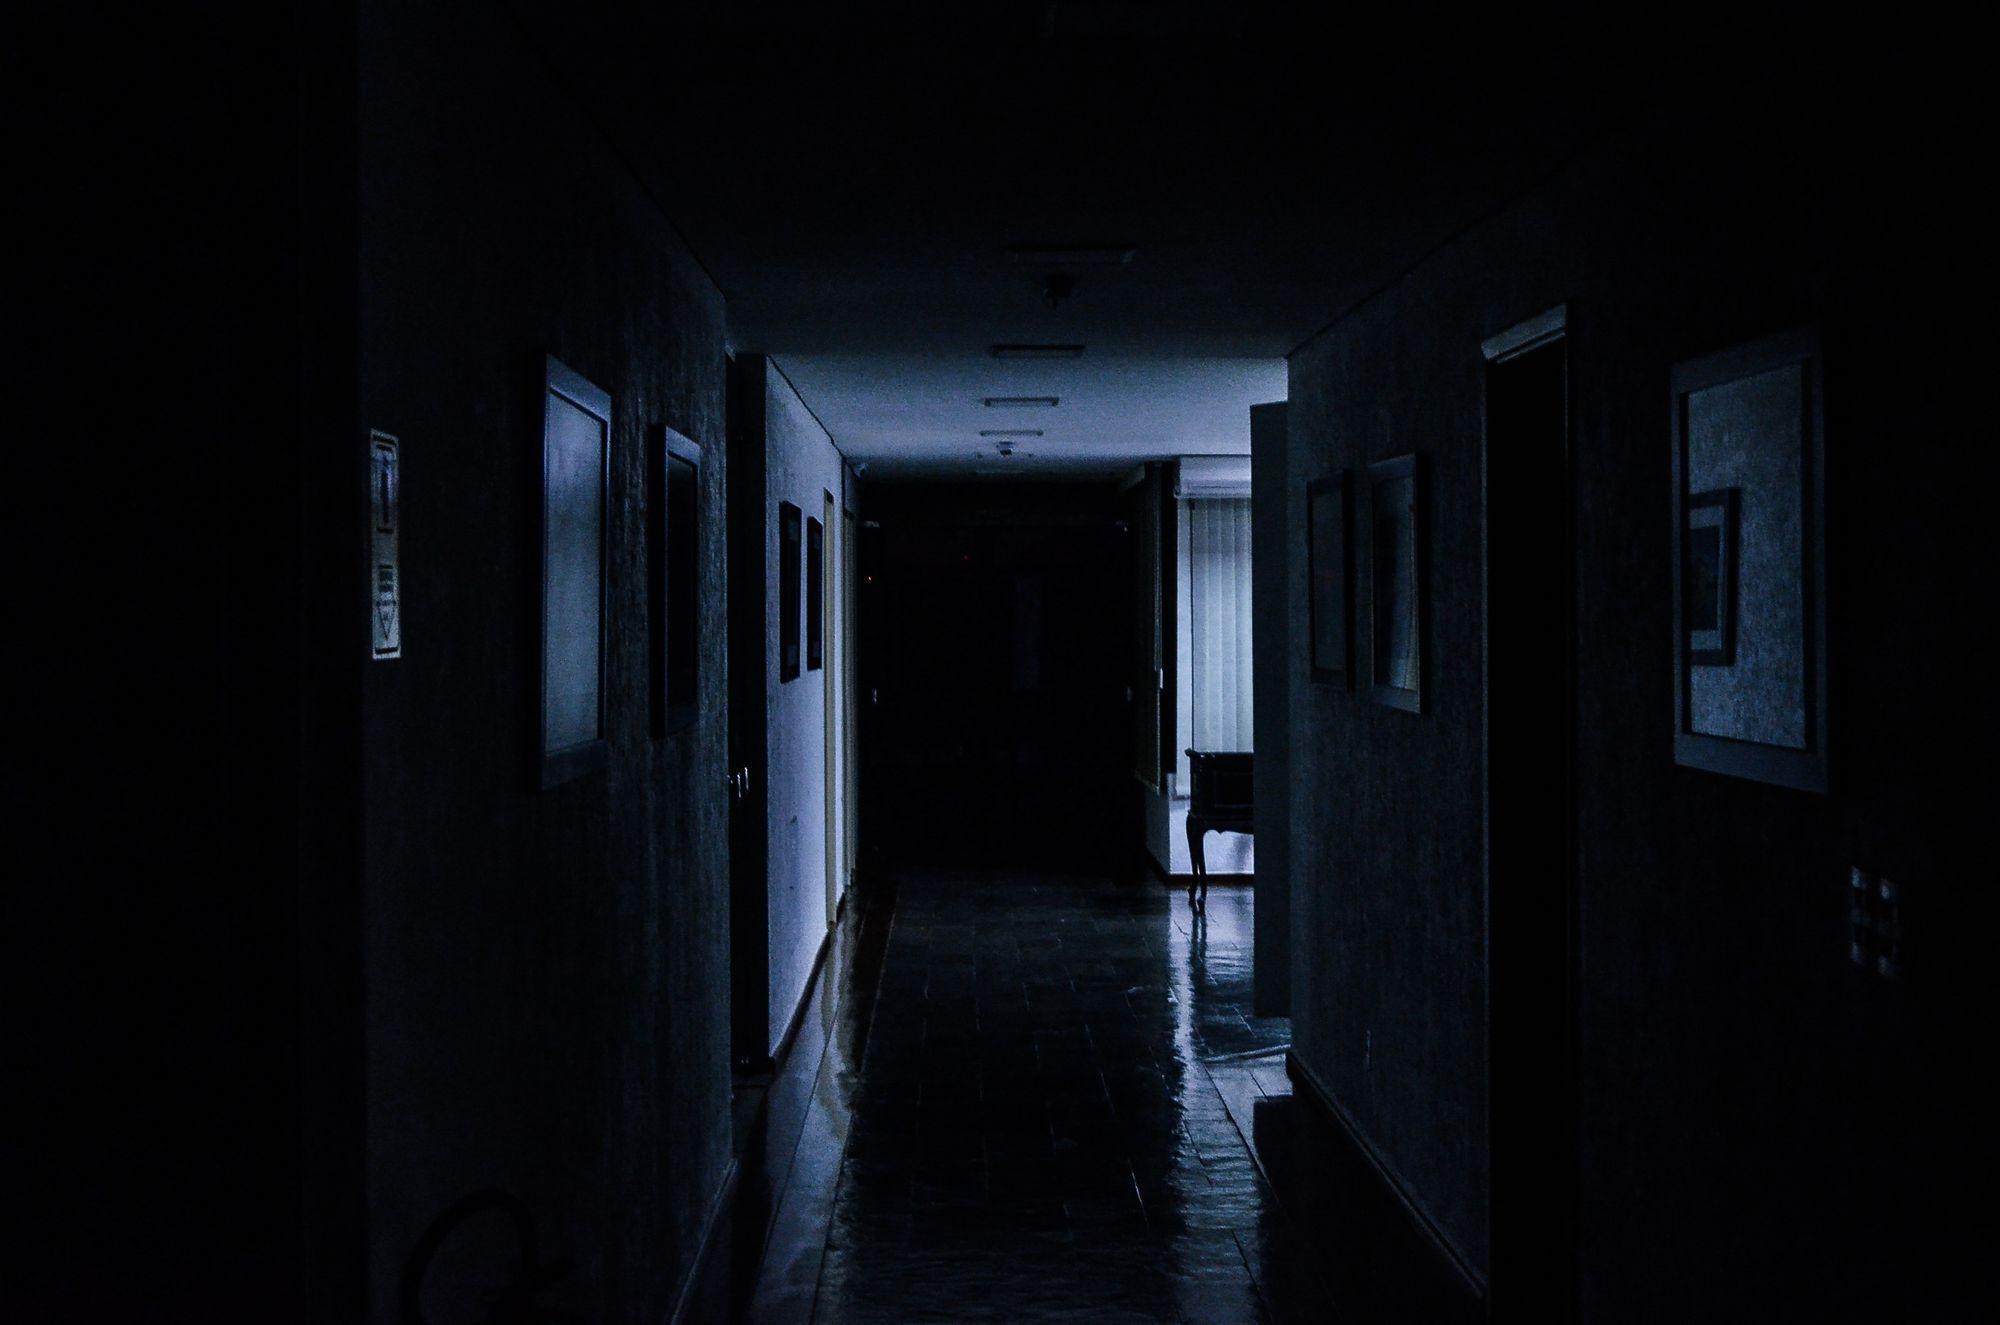 темно в комнате